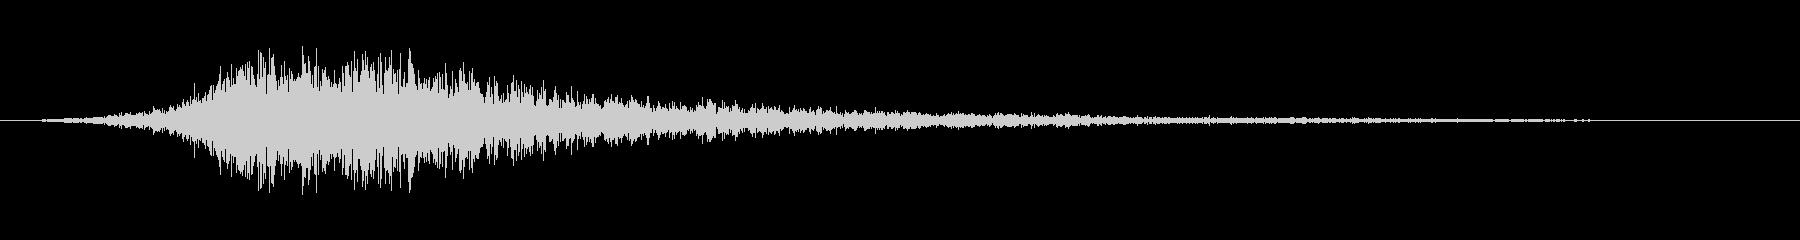 ヒューヒュー 14の未再生の波形